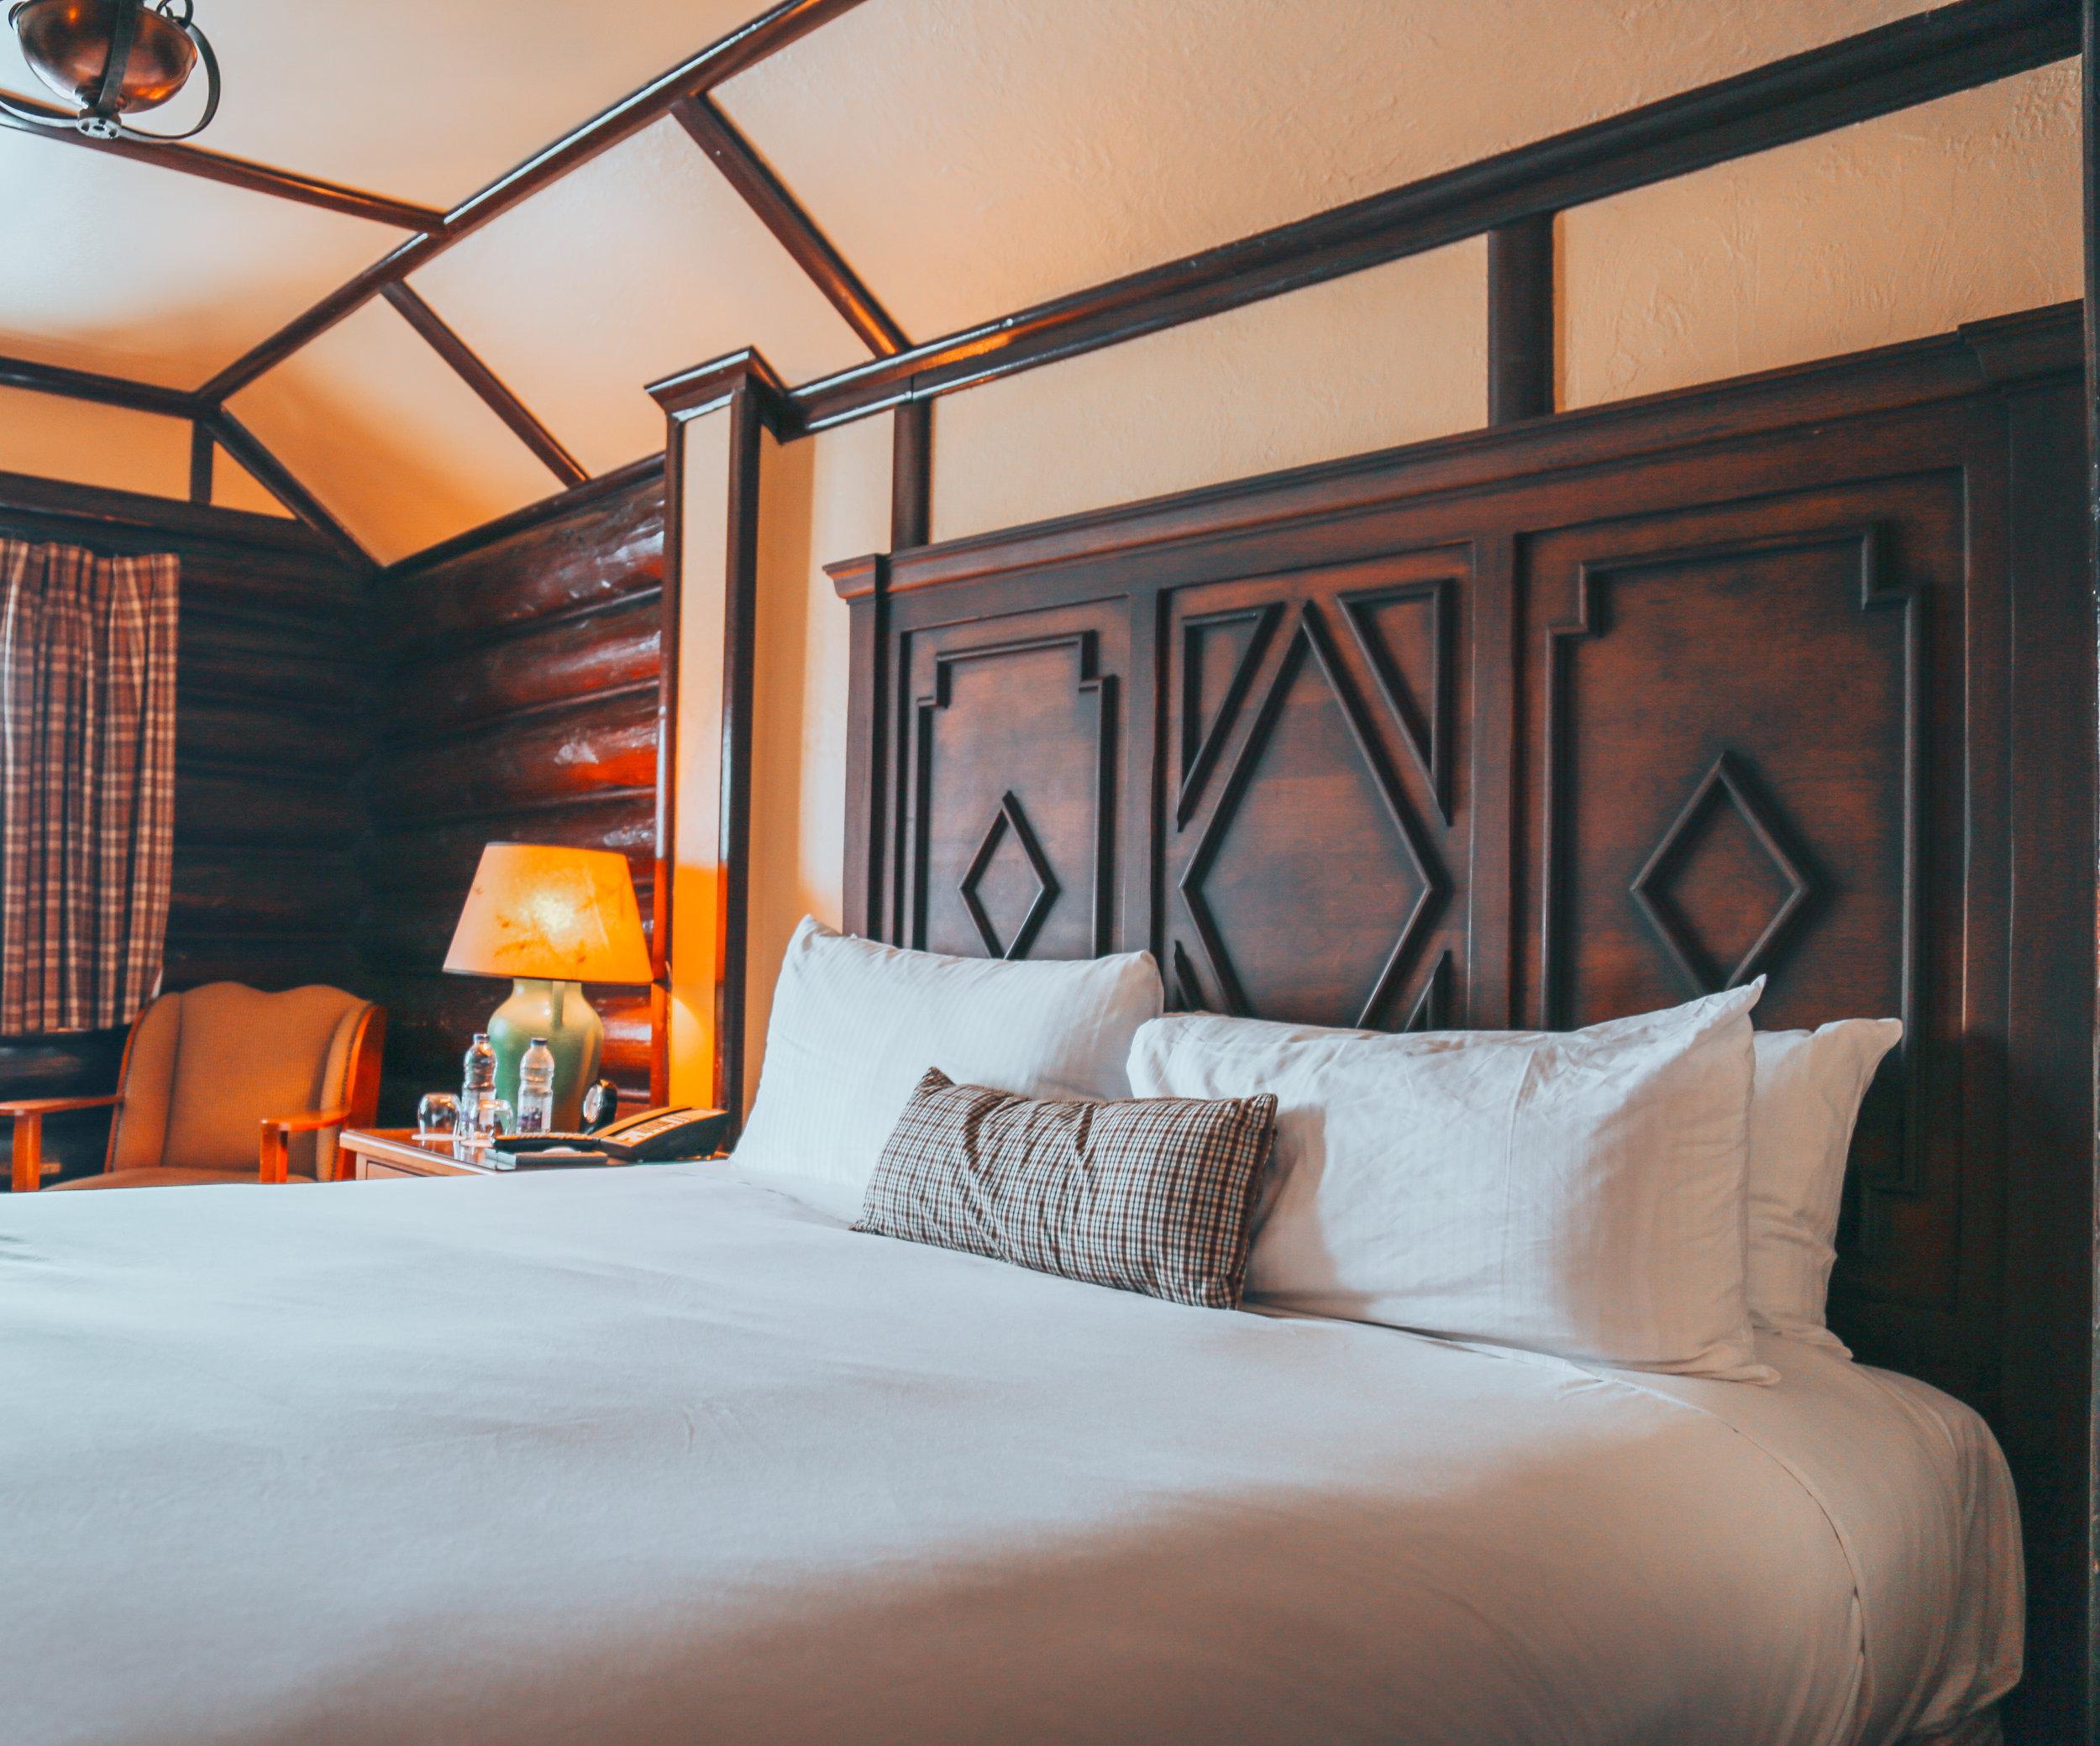 Fairmont Hotel Room